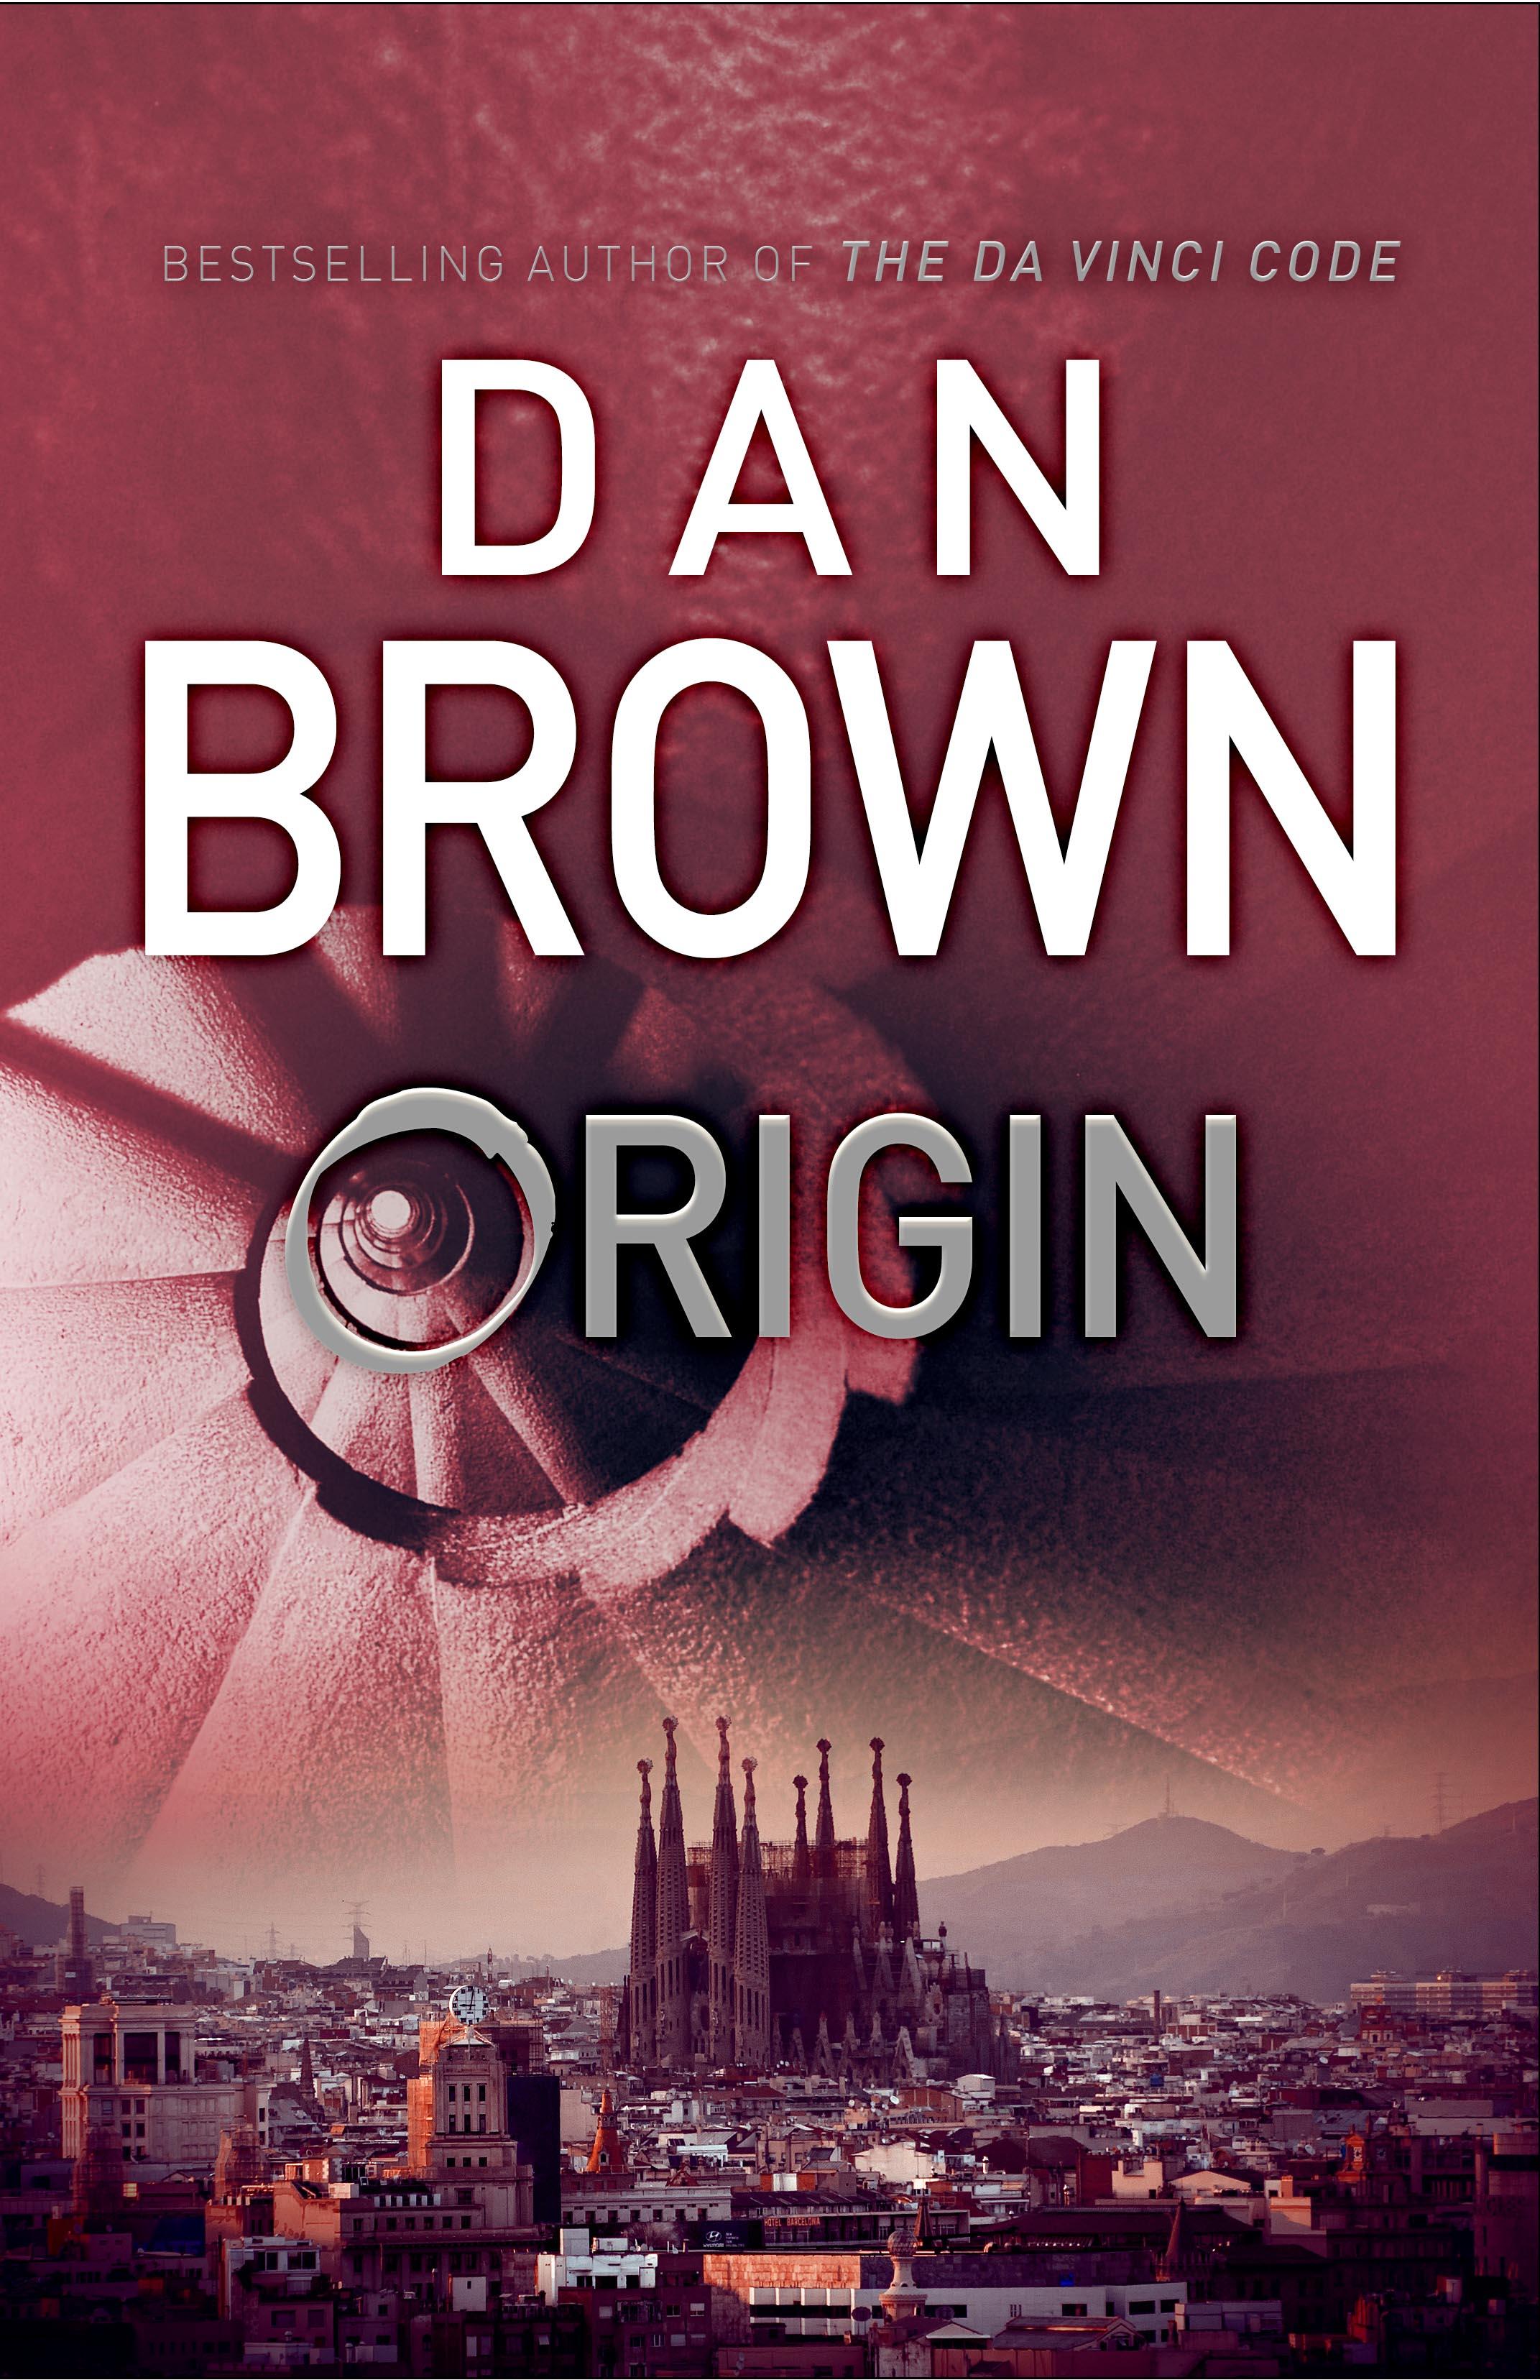 WIN a signed copy of Dan Brown's Origin